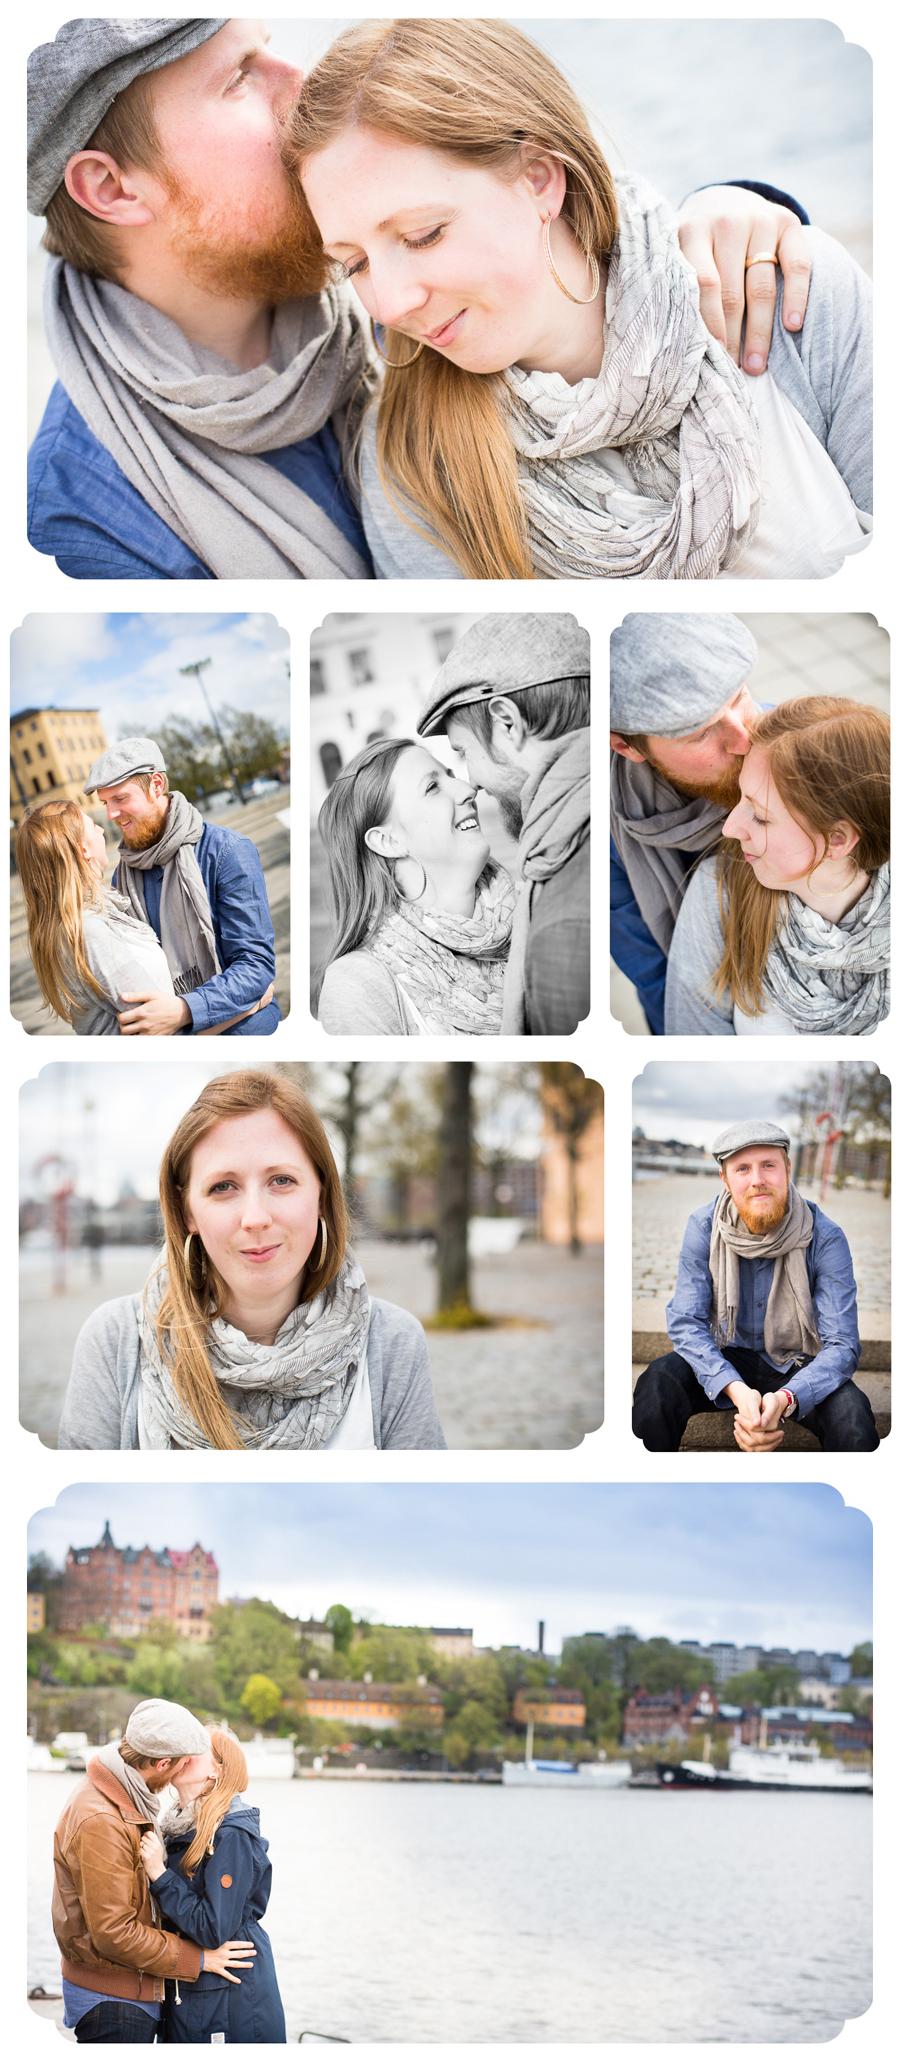 parfotografering, porträttfoto, kärlek, stockholm, kaj, provfotografering, subclip, anna nilsson, bröllopsfotografering